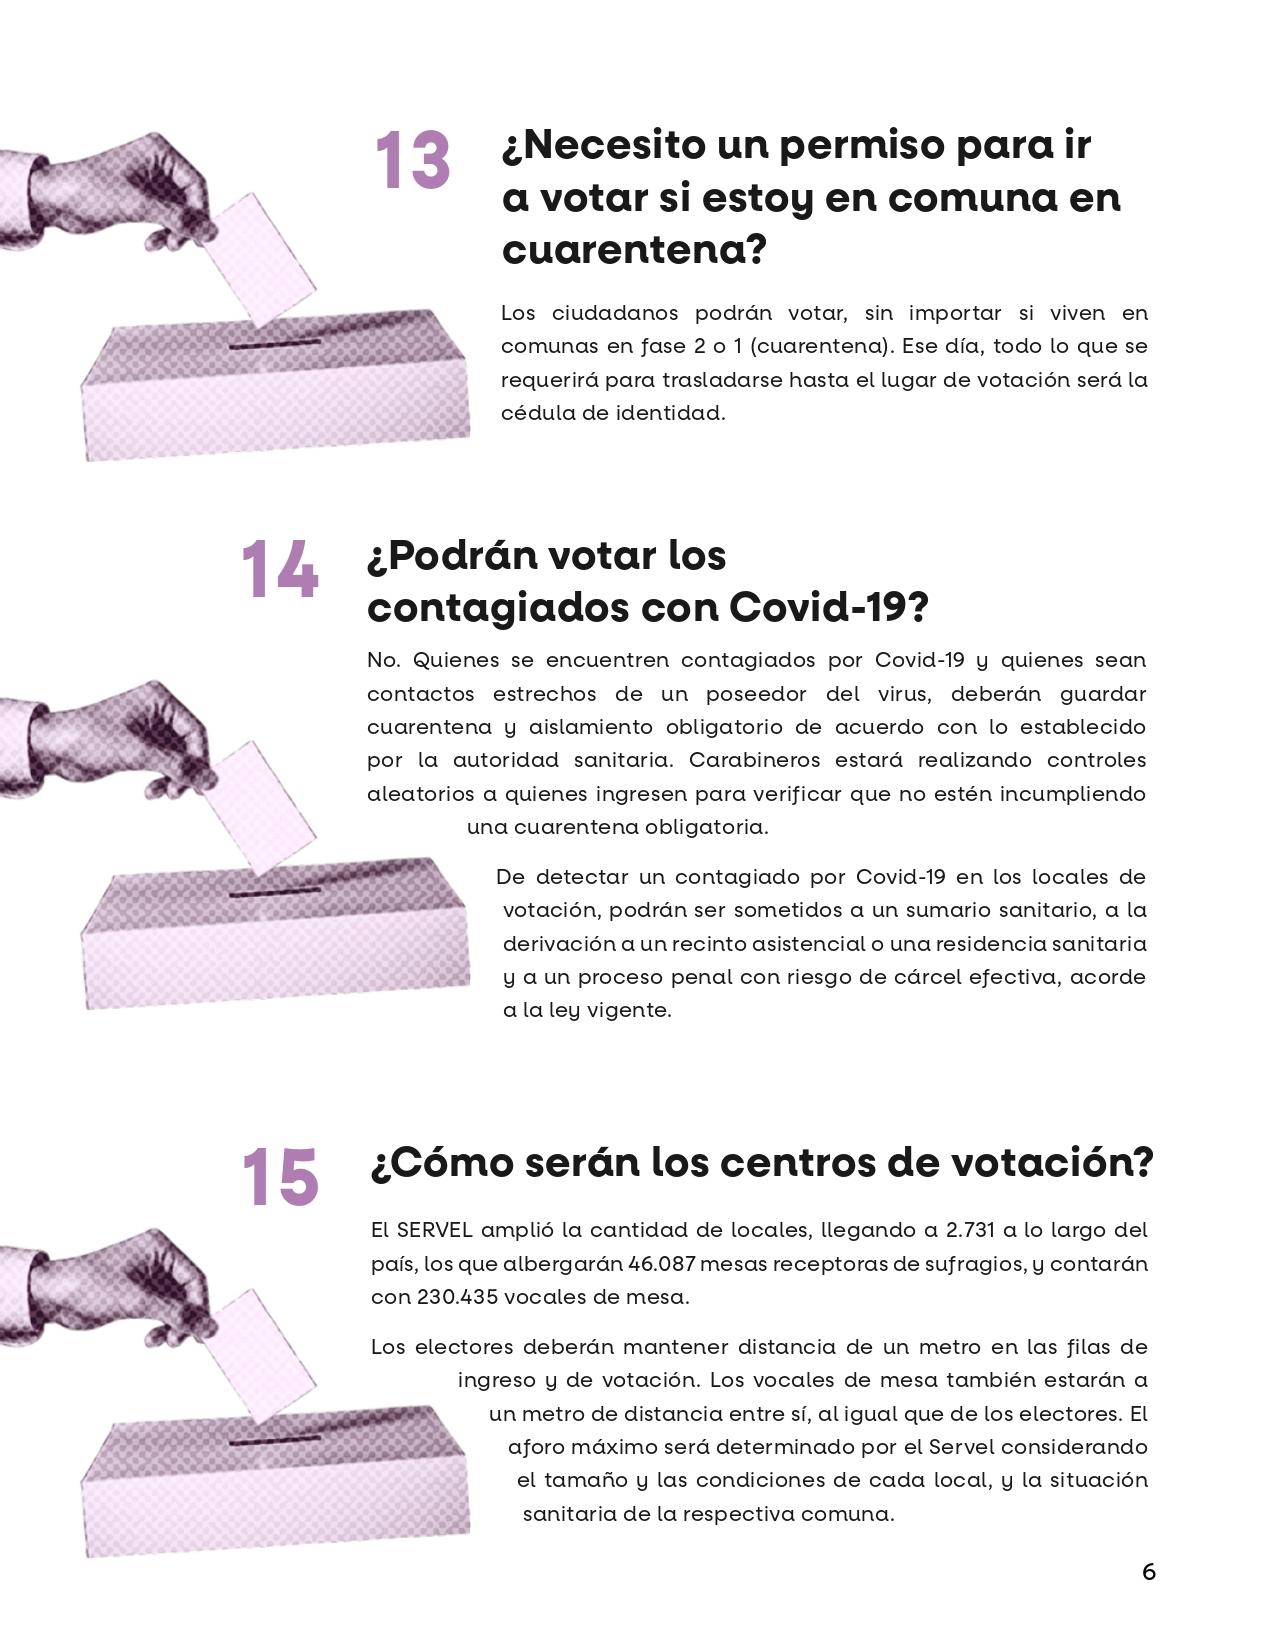 210506 Guía elección 15 y 16 mayo v3_page-0006